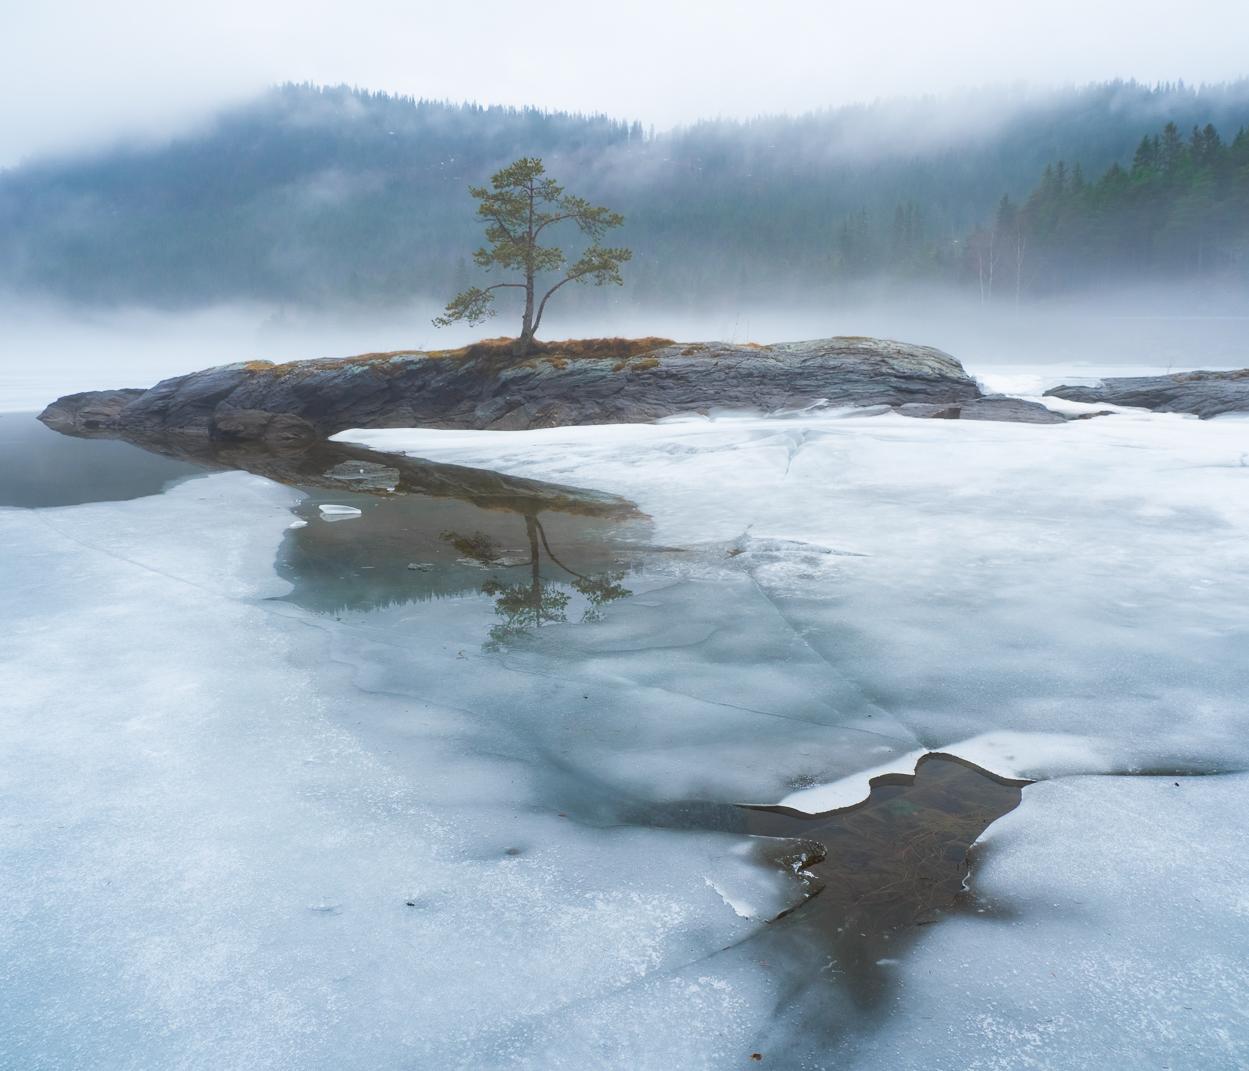 Foto: Ivar Bjørdalsbakke